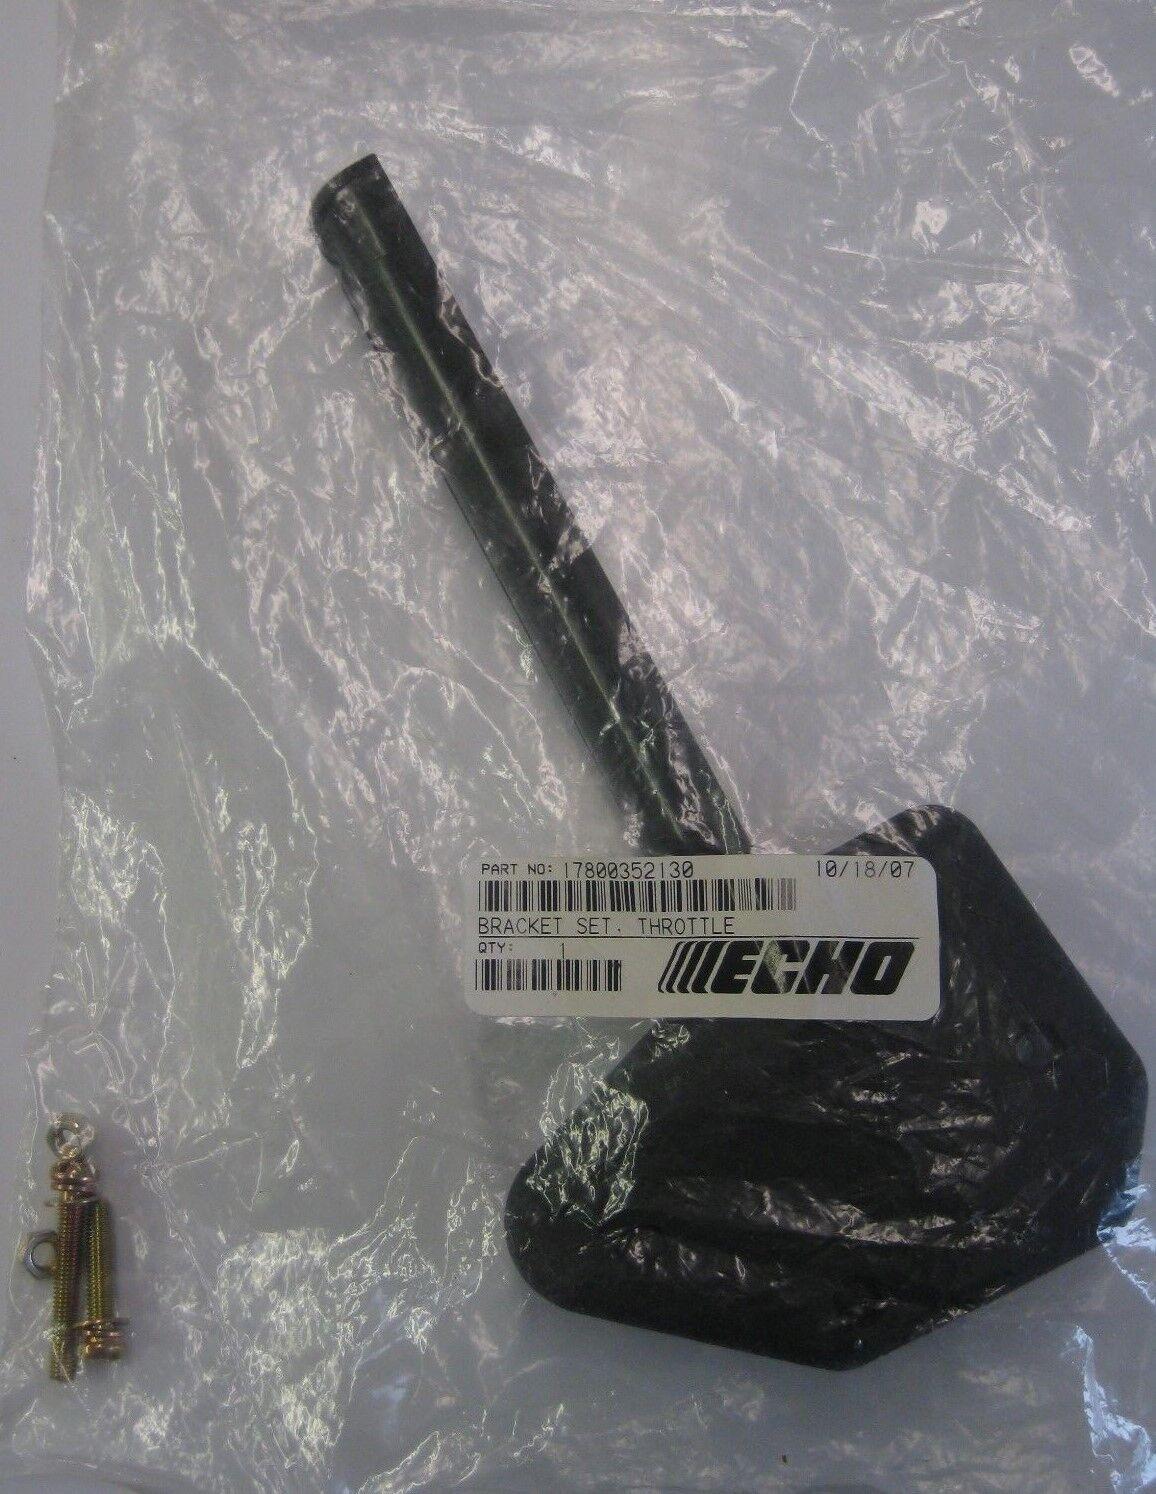 ECHO THROTTLE BRACKET SET P//N 17800352130